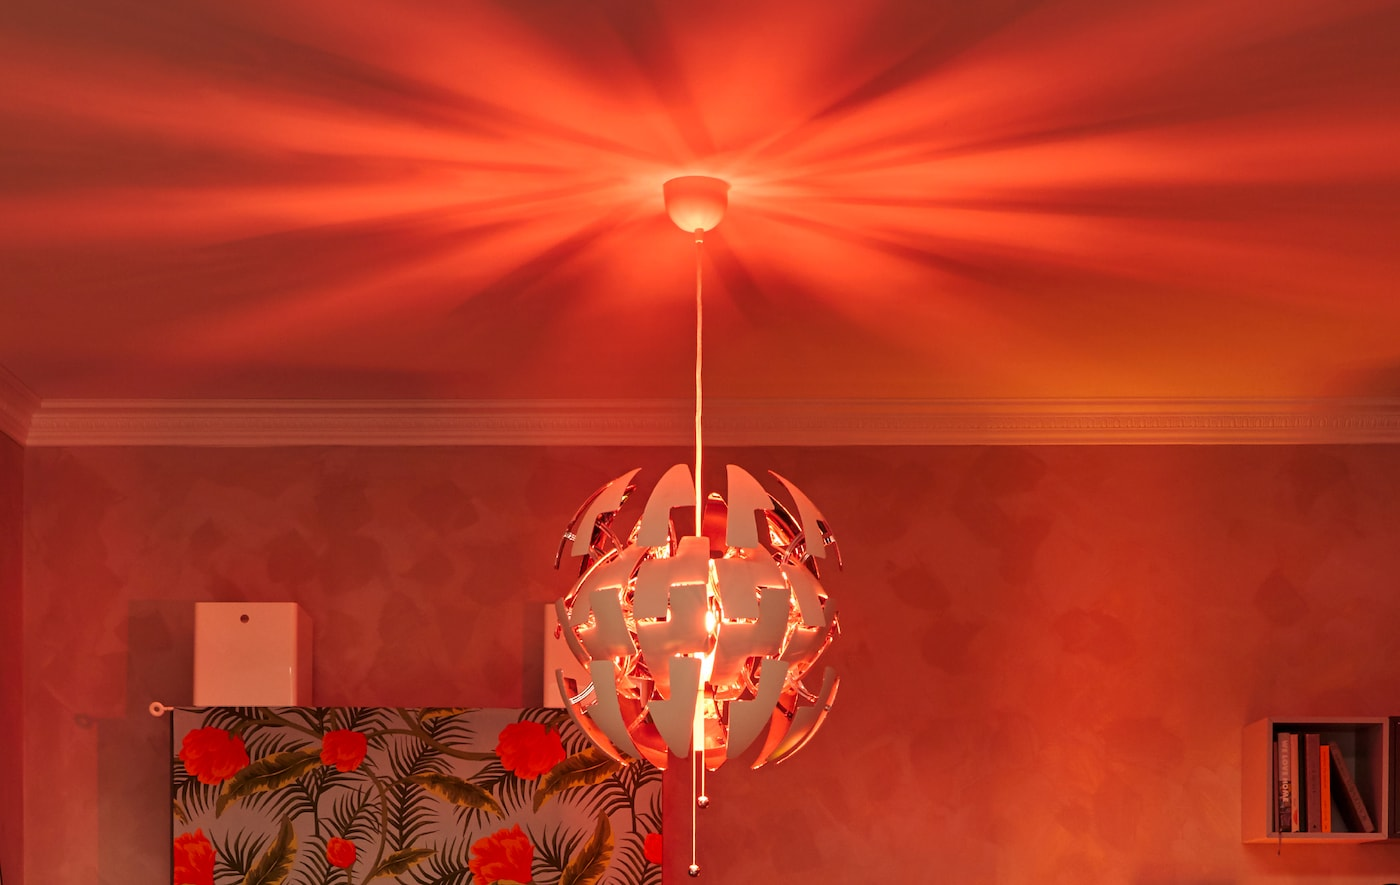 Egy nappali mennyezete, IKEA PS függőlámpával, pirosas, klubszerű ragyogással.